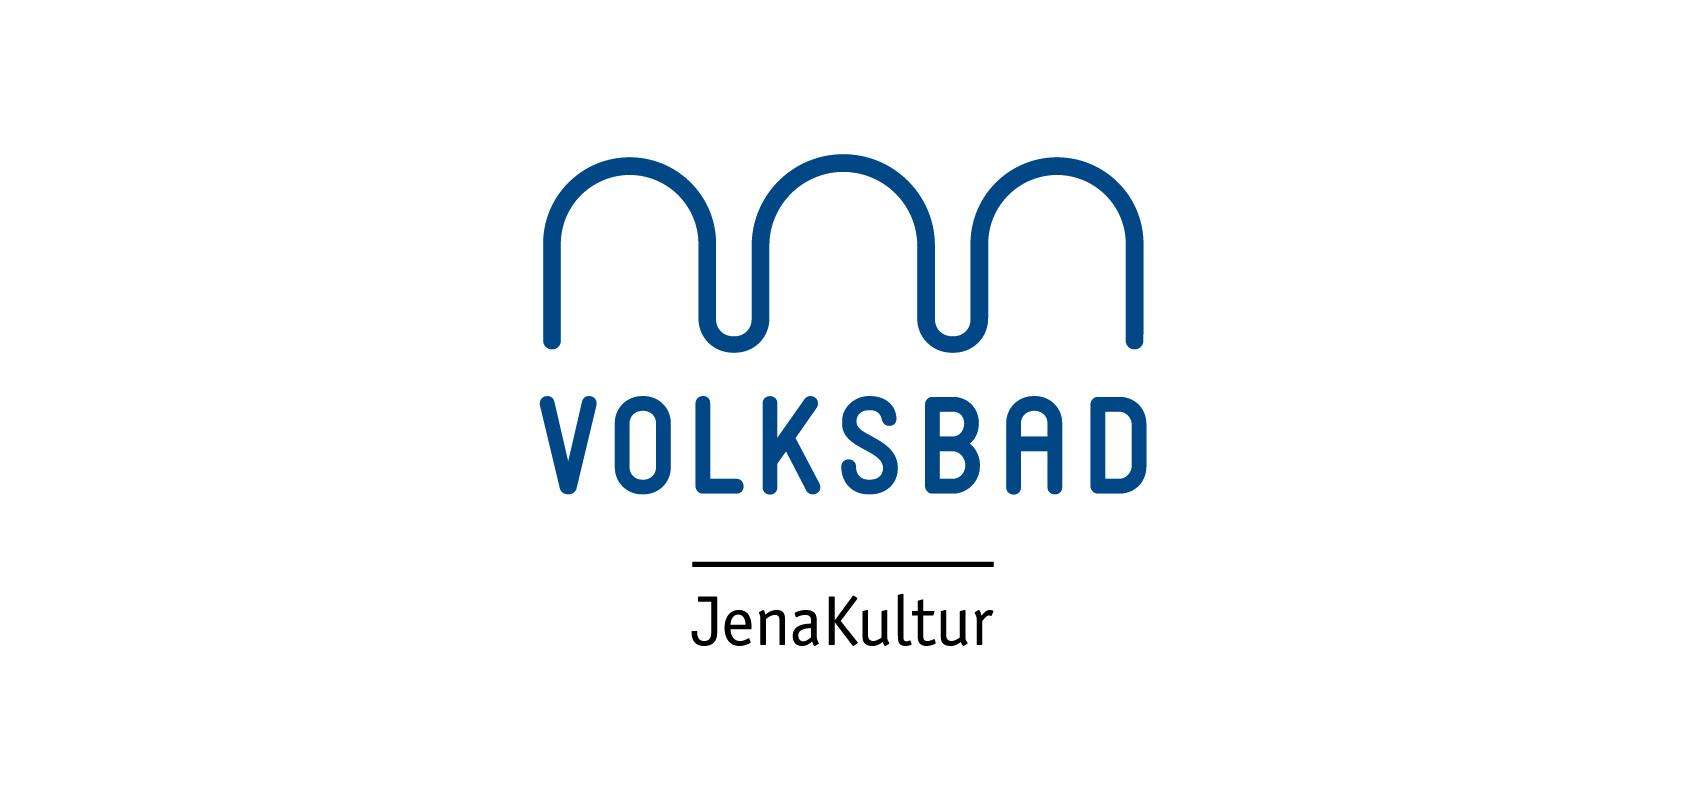 Logo des Volksbads Jena - Mitglied der Tagungsallianz Jena